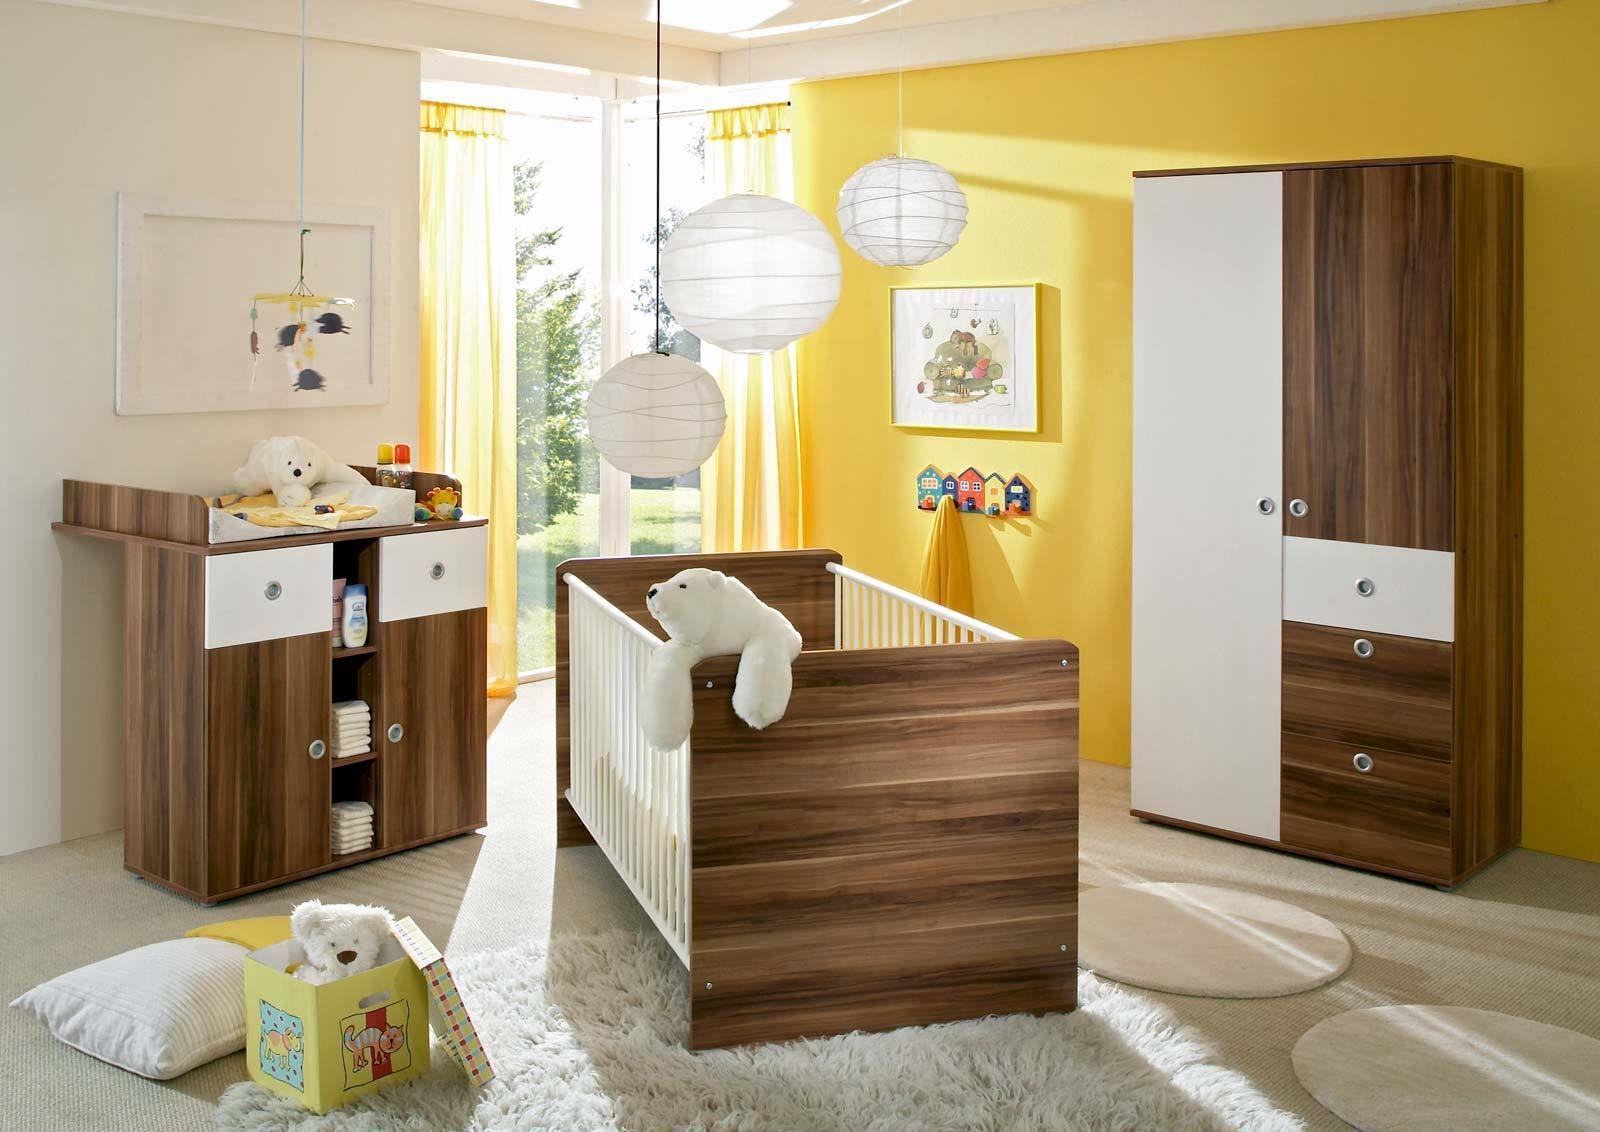 babyzimmer möbel set | jtleigh - hausgestaltung ideen